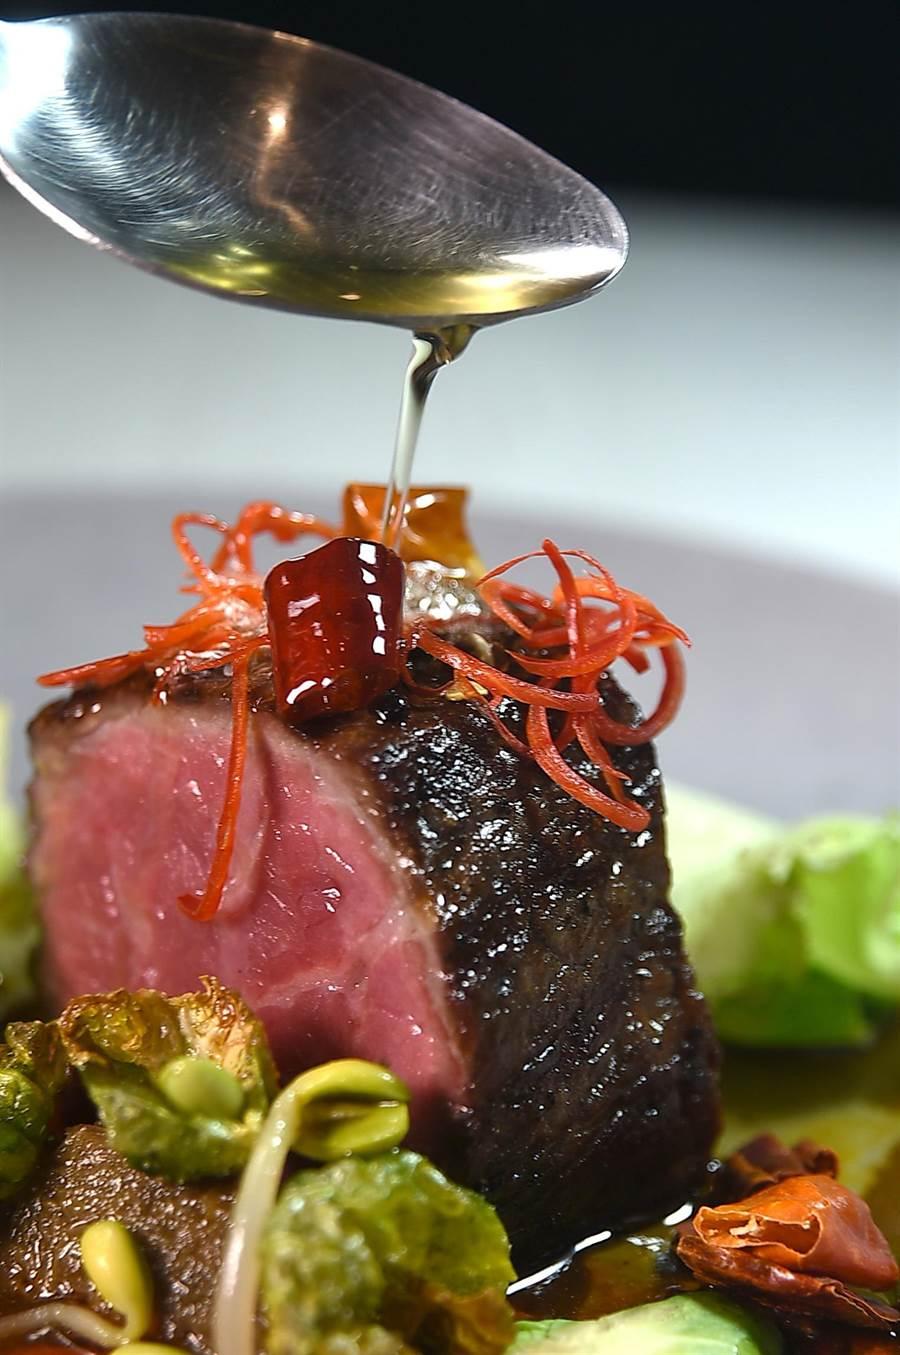 〈水煮美國特級牛排〉 是以紅油醬汁澆淋提味,熱油一接觸到牛排時會起泡冒煙。(圖/姚舜)